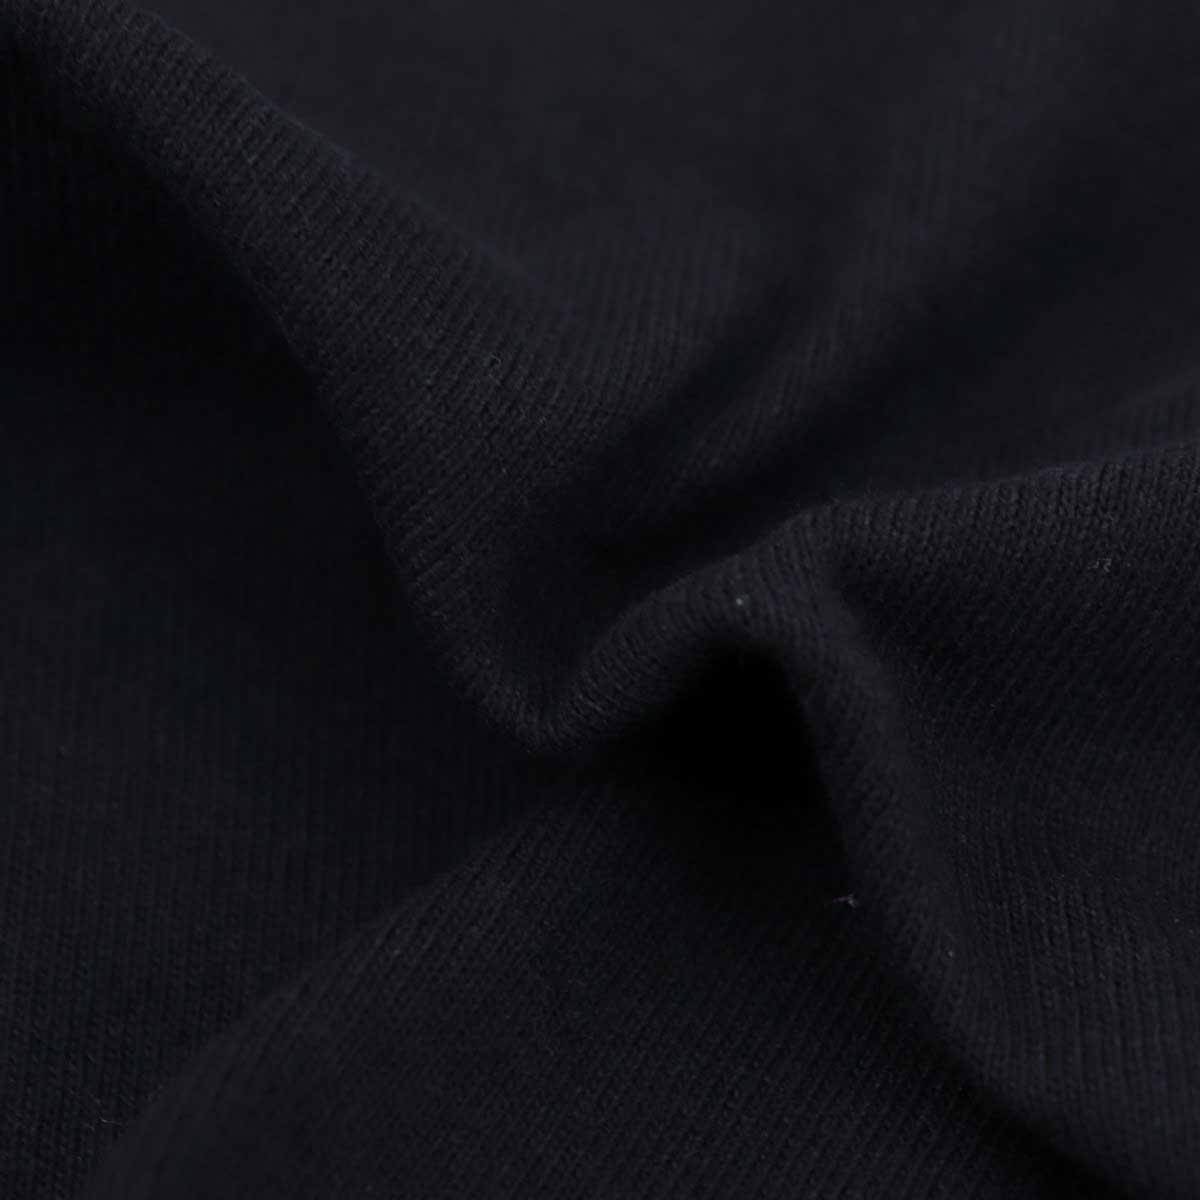 スウィープ ロサンゼルス Sweep!! LosAngeles メンズ USAコットン ヘンリーネック 半袖 Tシャツ USA COTTON-T / SL160006 SWP BLACK(ブラック) 春夏新作